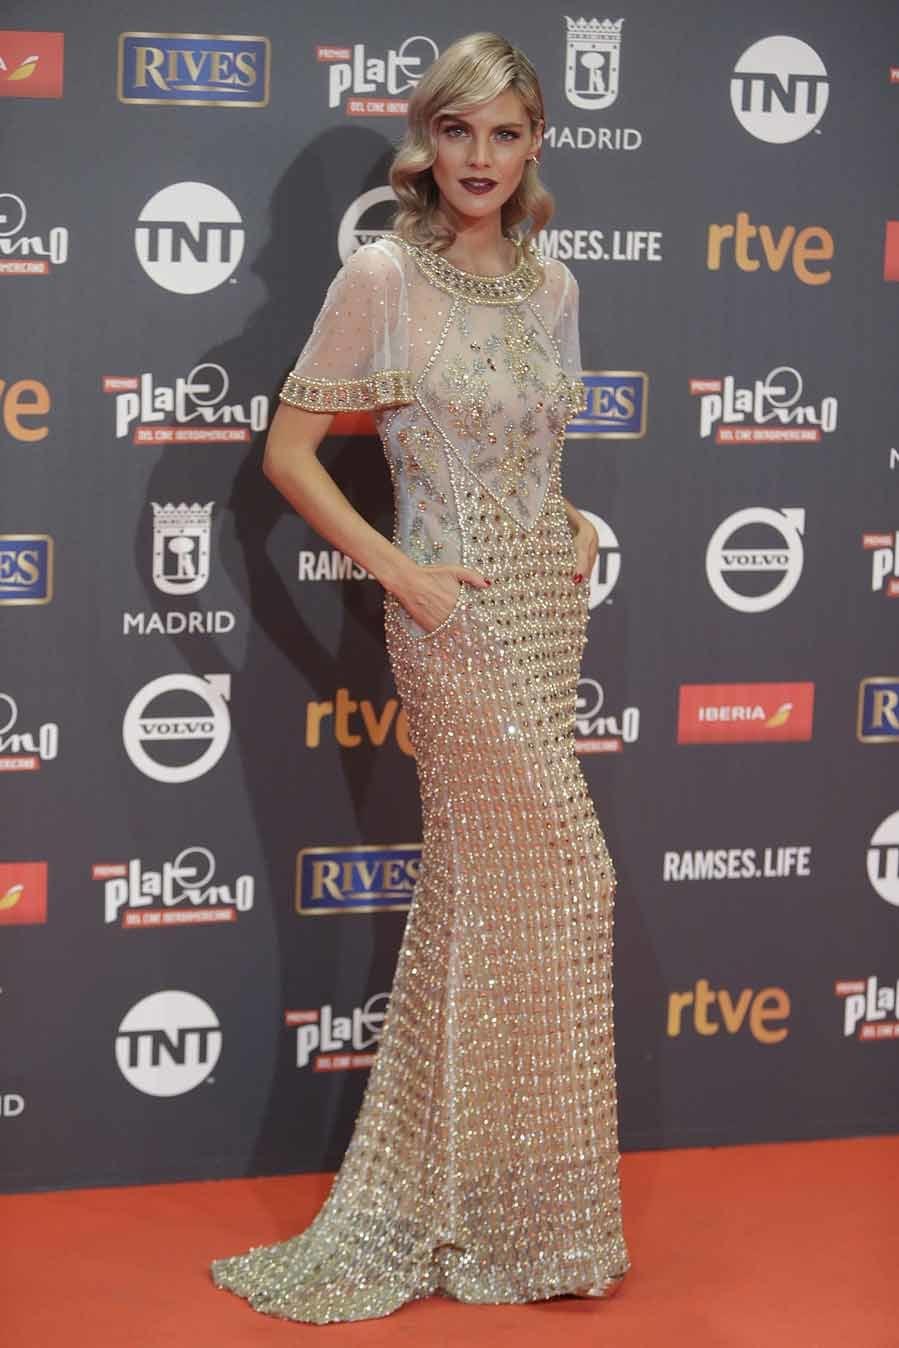 La actriz llevó un vestido con transparencias y apliques en tonos...